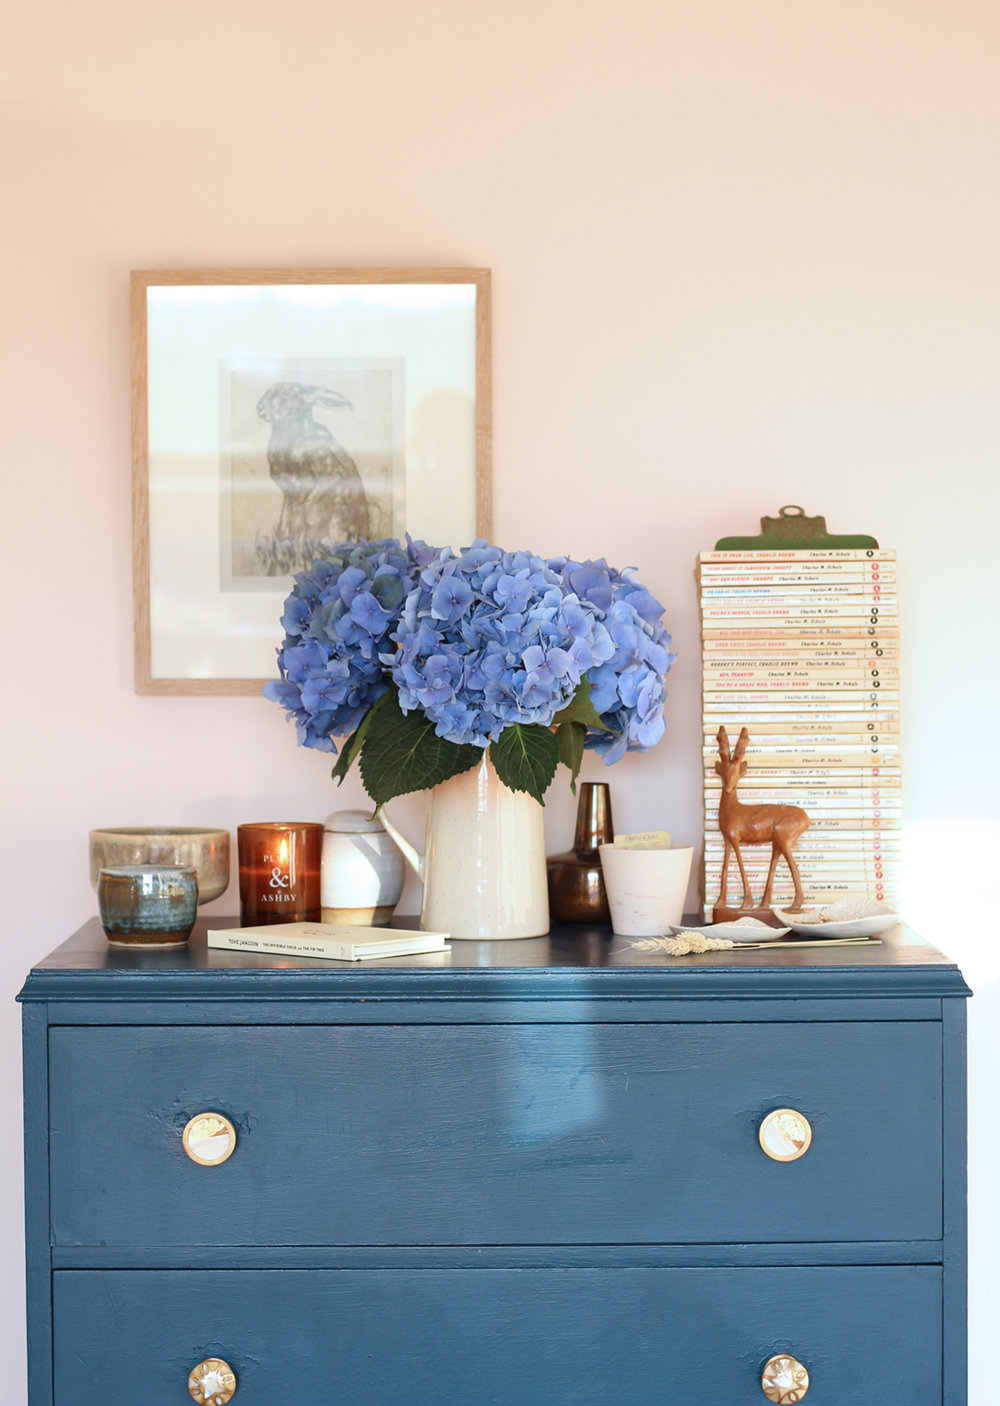 nancy-straughan-interior-stylist-bedroom-styling.jpg